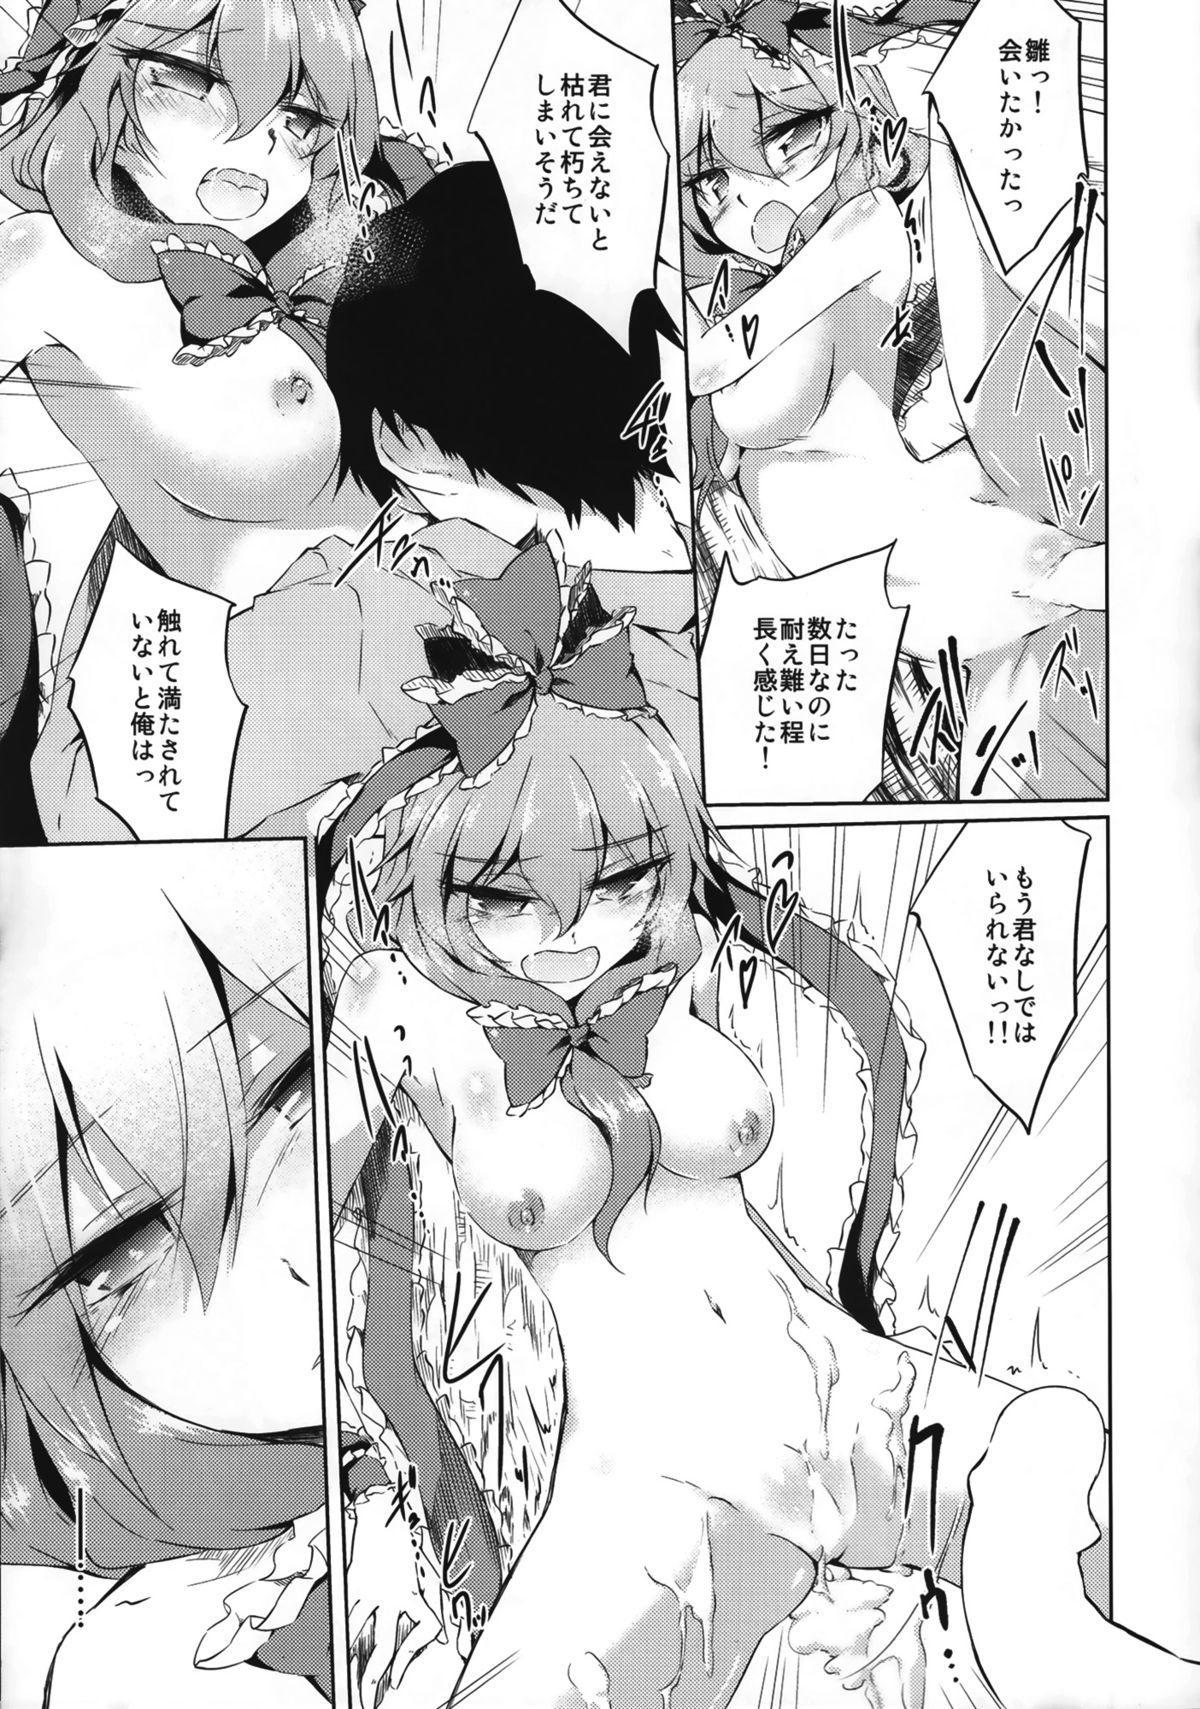 *Chuui* Horeru to Yakui kara 16